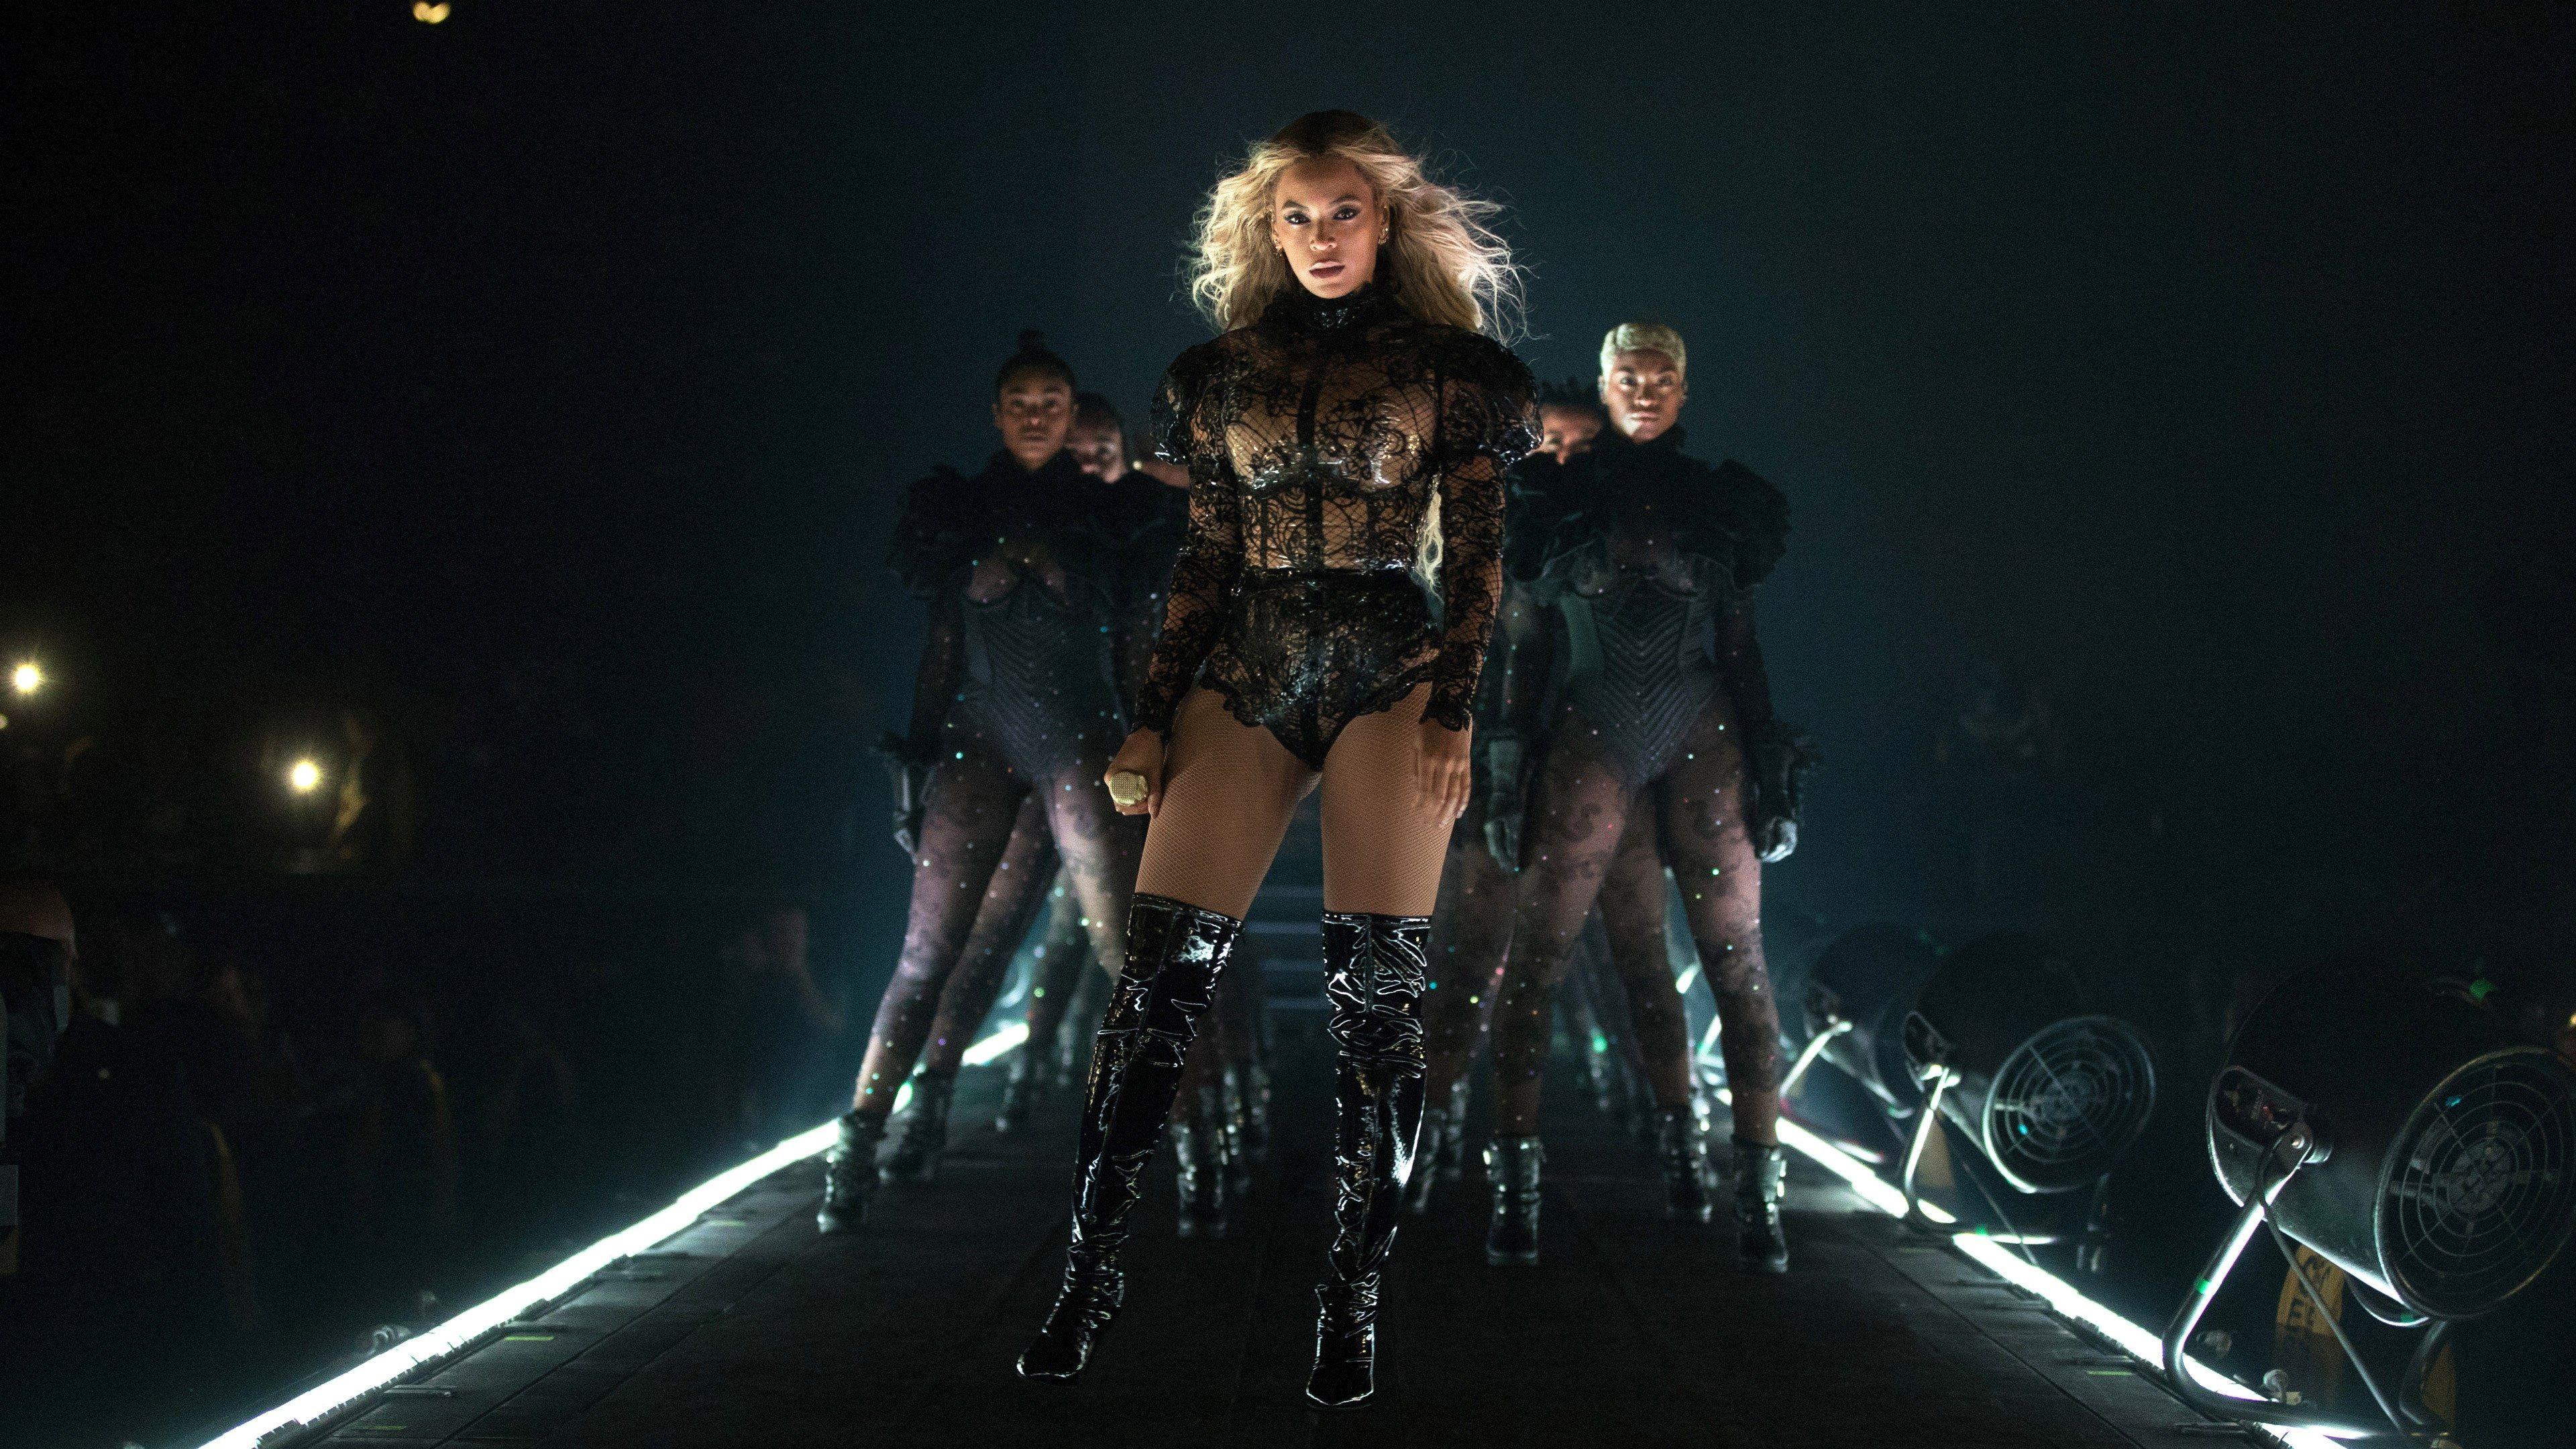 3840x2160 Beyonce 4k Wallpaper Desktop Beyonce Desktop